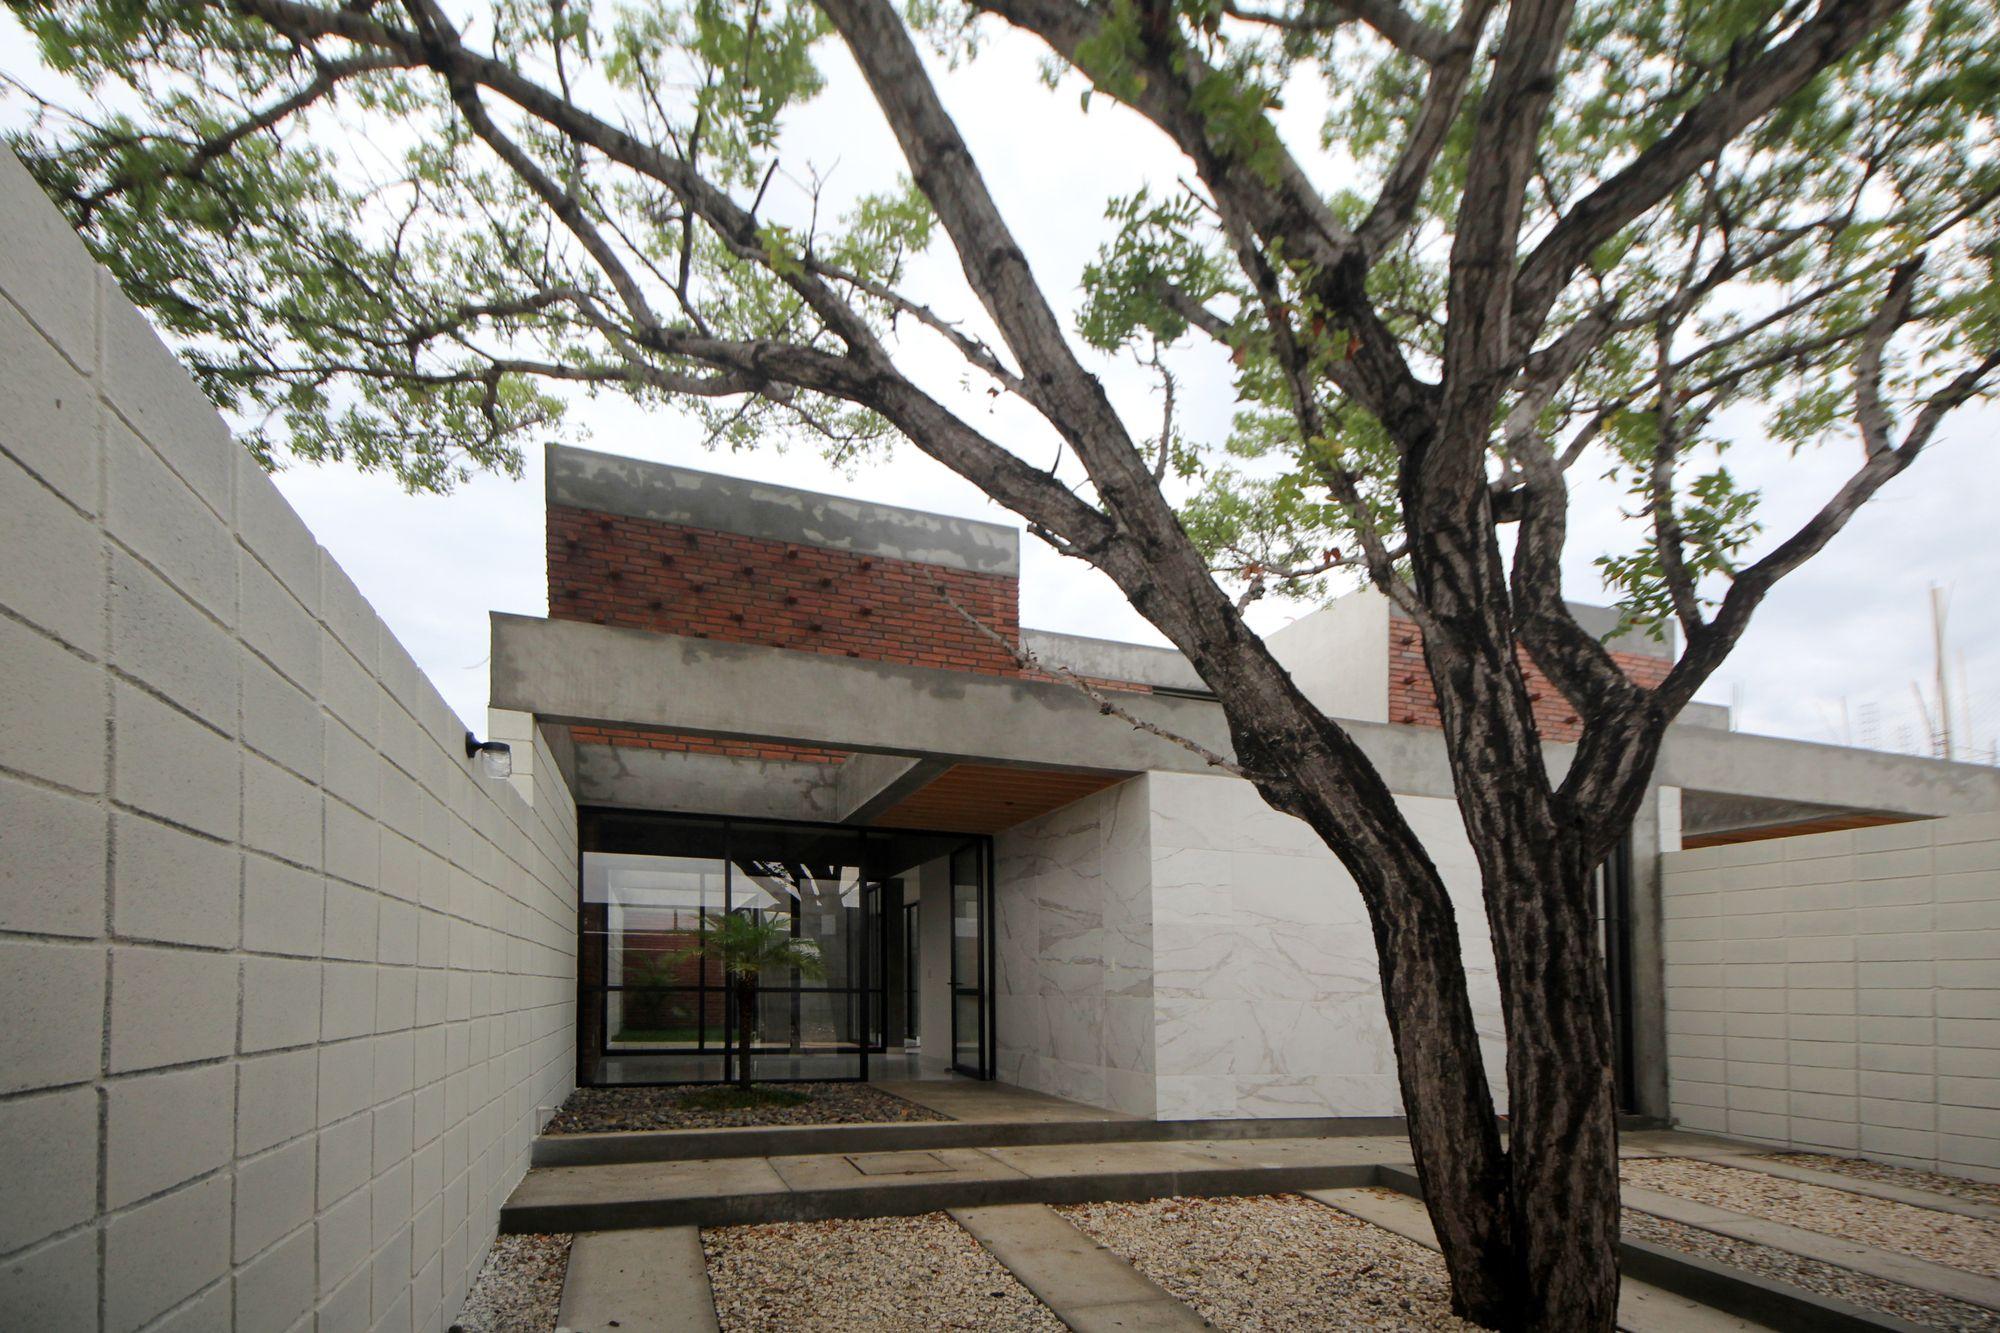 Casa Caoba Apaloosa Arquitectos Arquitectos Tuxtla Gutierrez  # Muebles Kaoba Santa Cruz De La Sierra